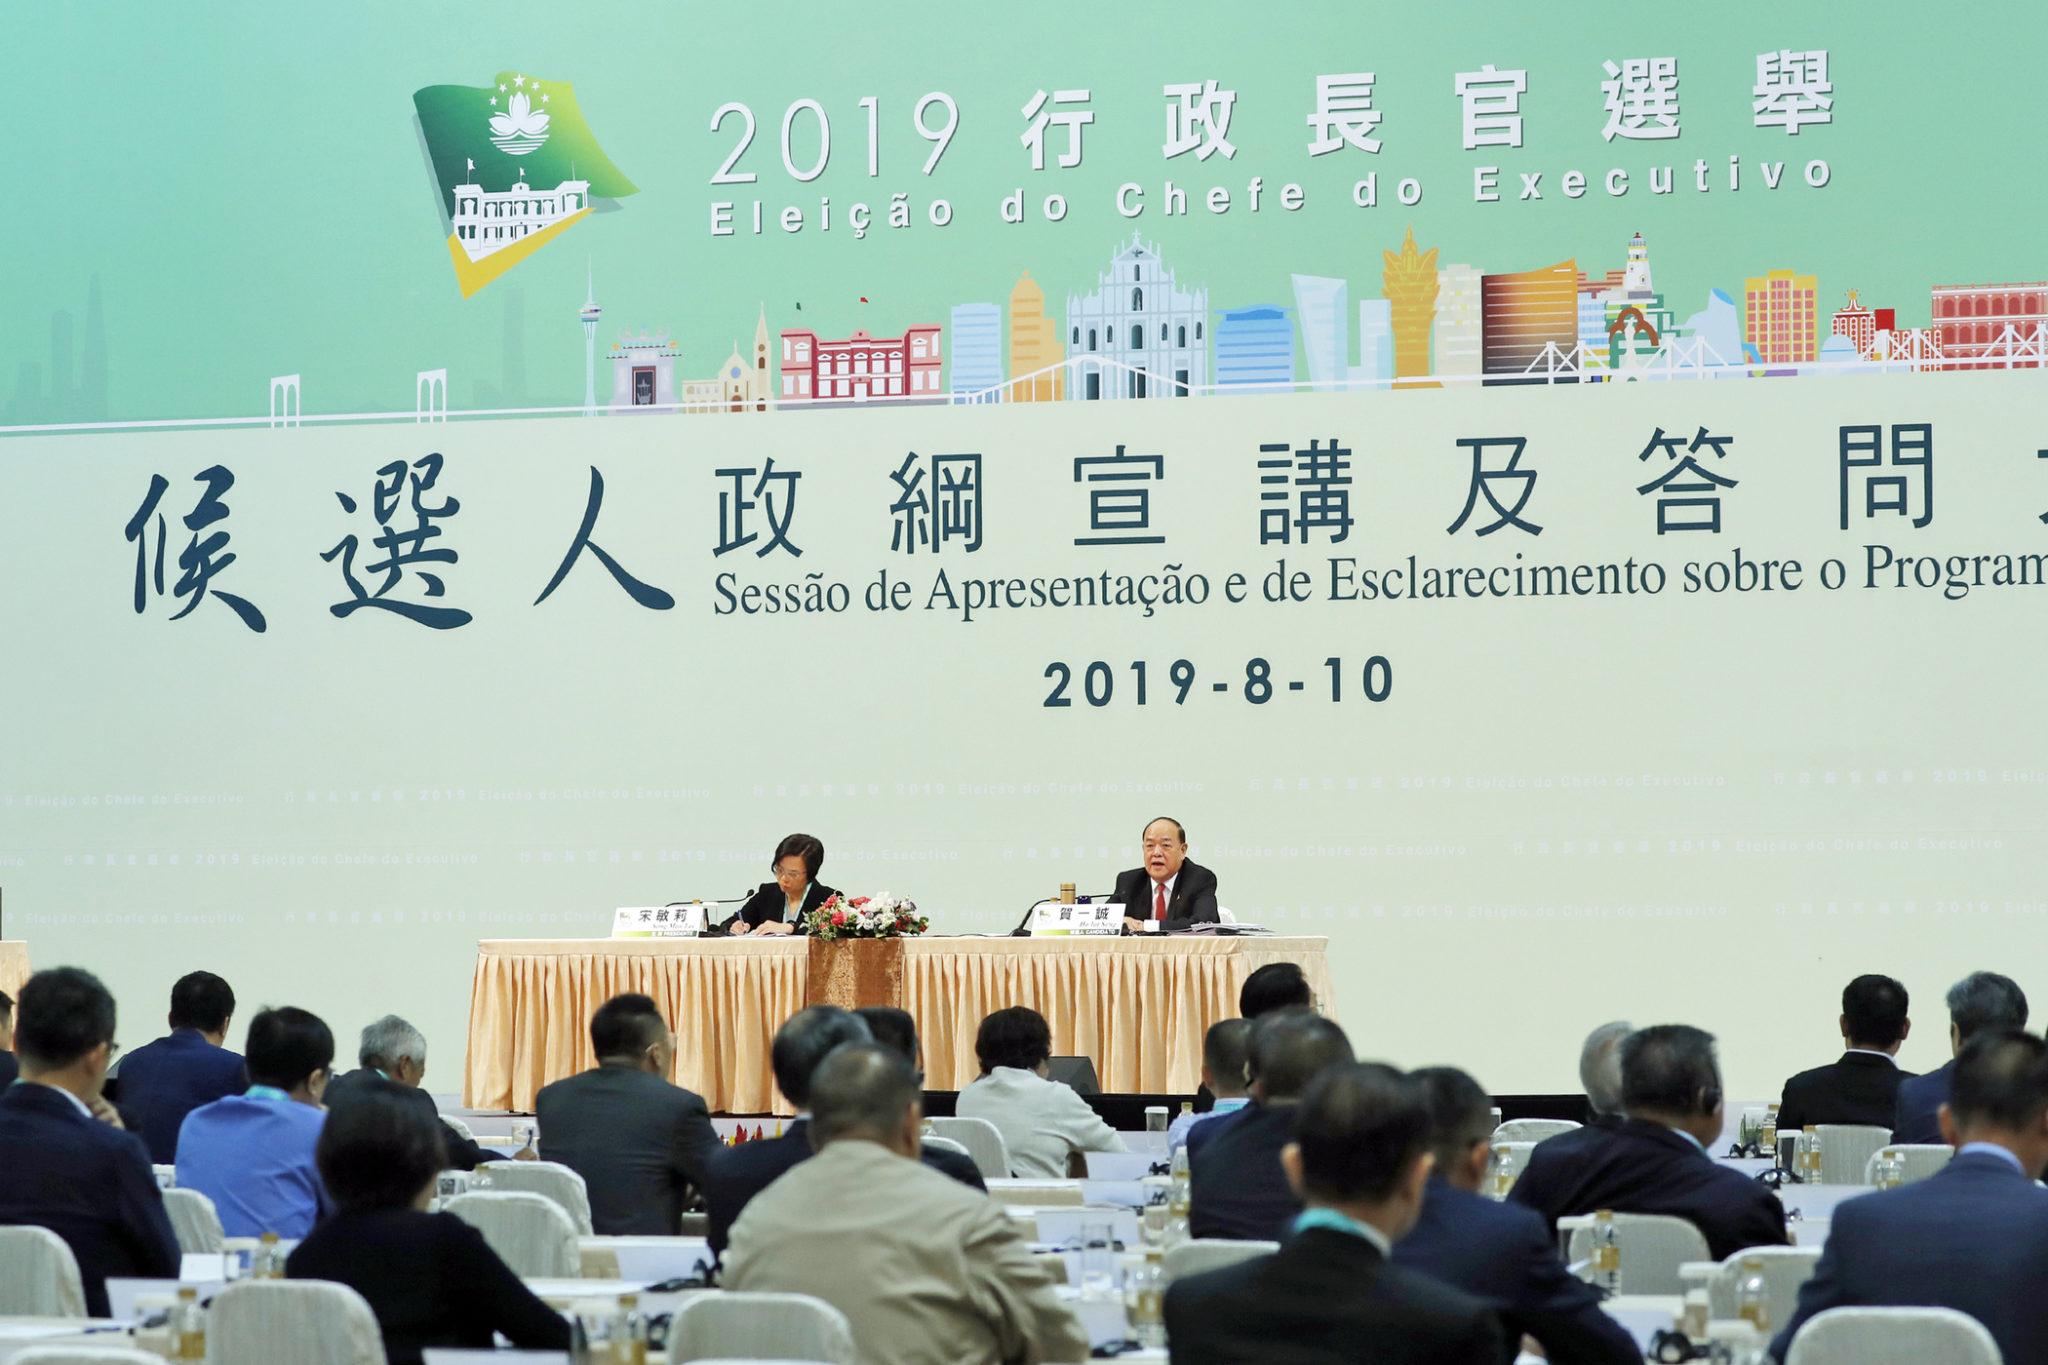 Habitação | Propostas de Ho Iat Seng para políticas habitacionais geram expectativas